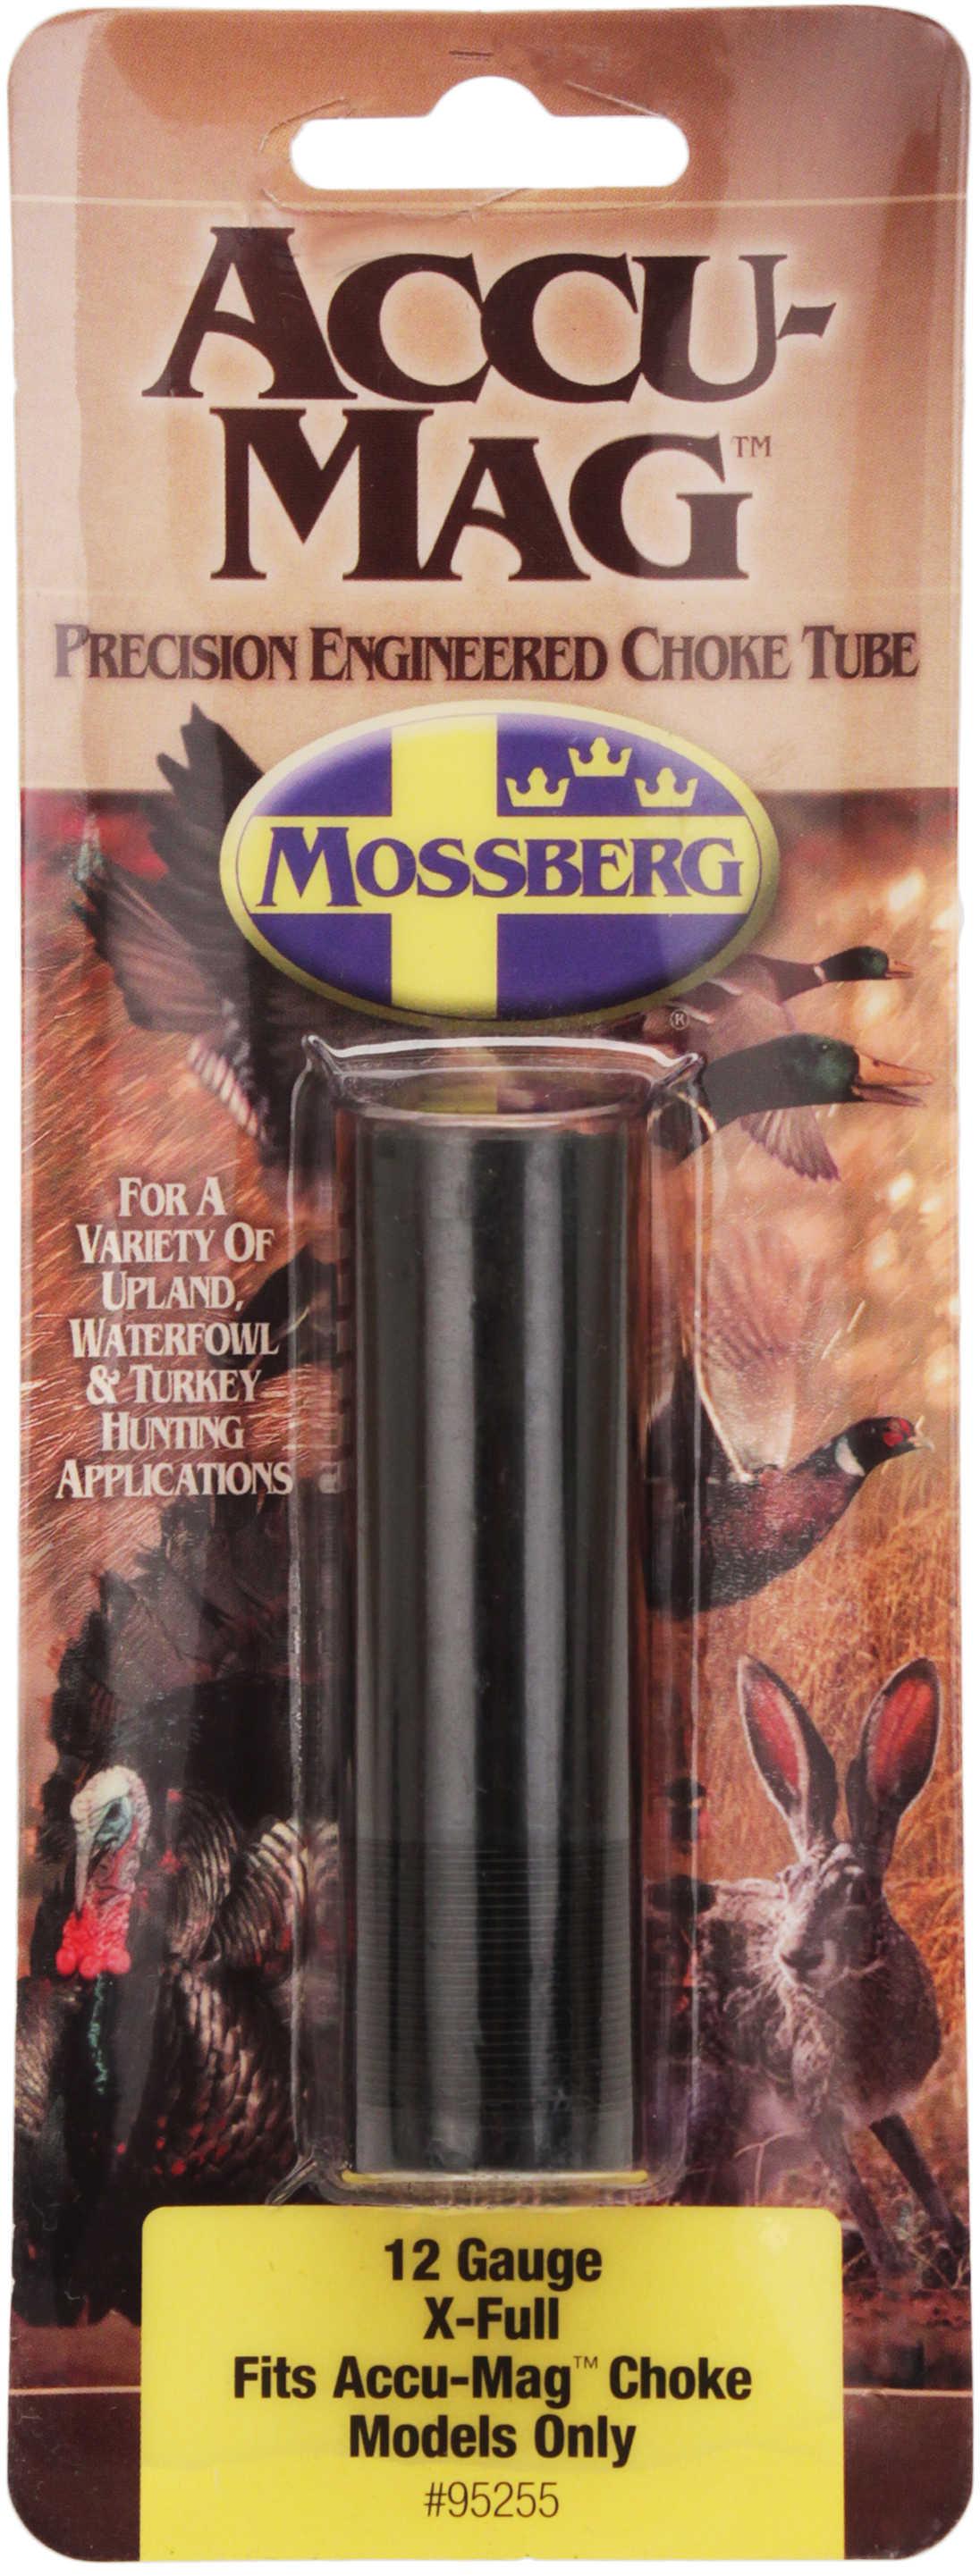 Mossberg Accu-Mag Choke Tube 12 Gauge X-Full